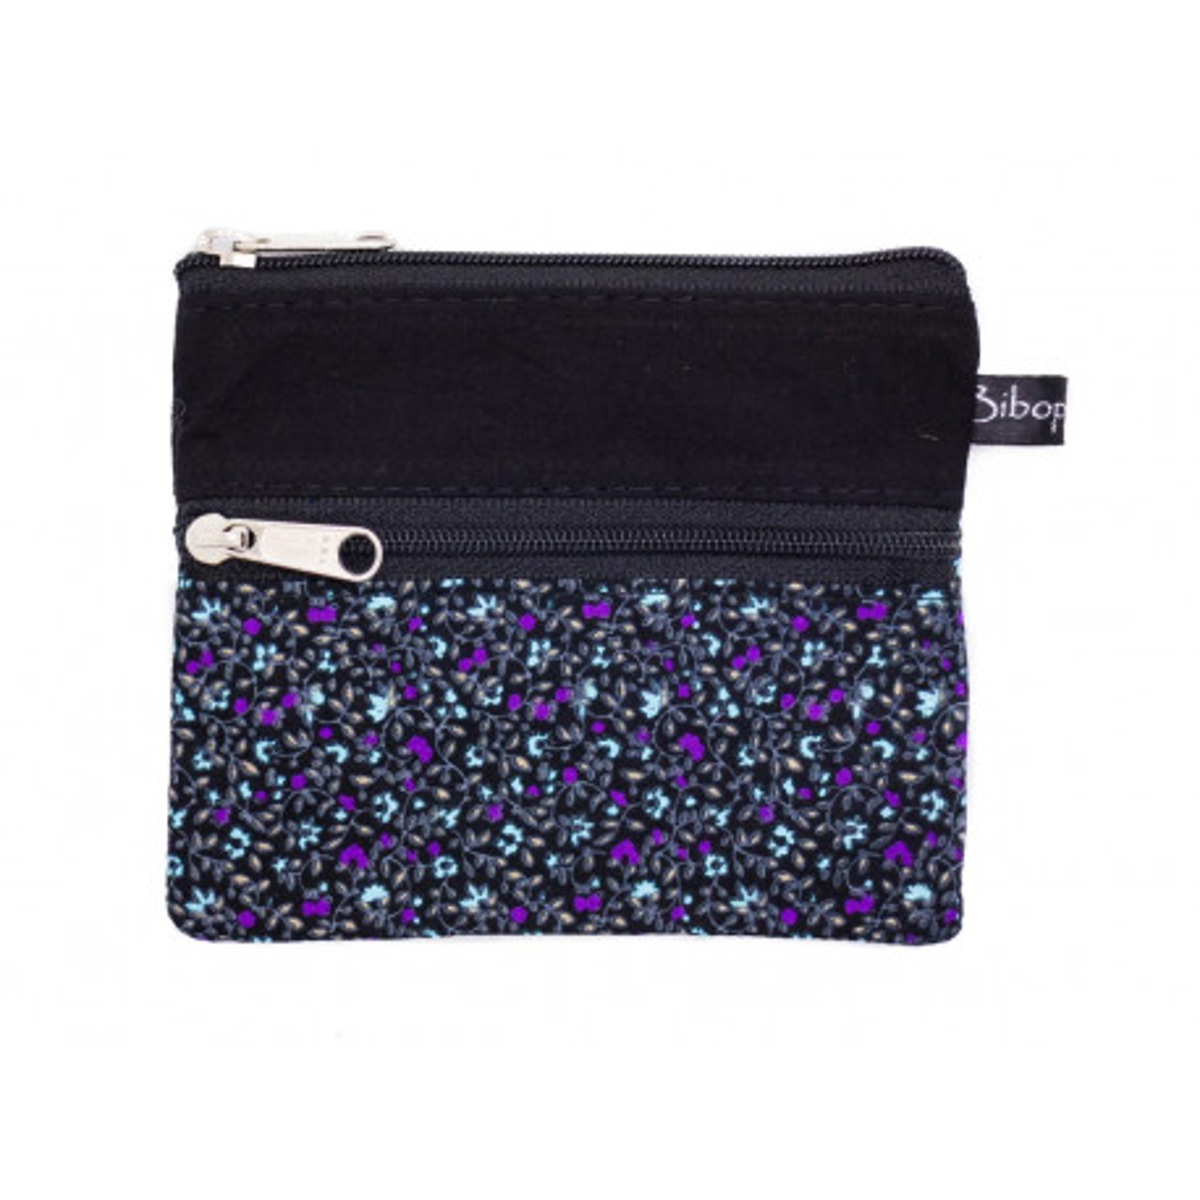 Petit porte-monnaie deux compartiments noir et fleurs violet